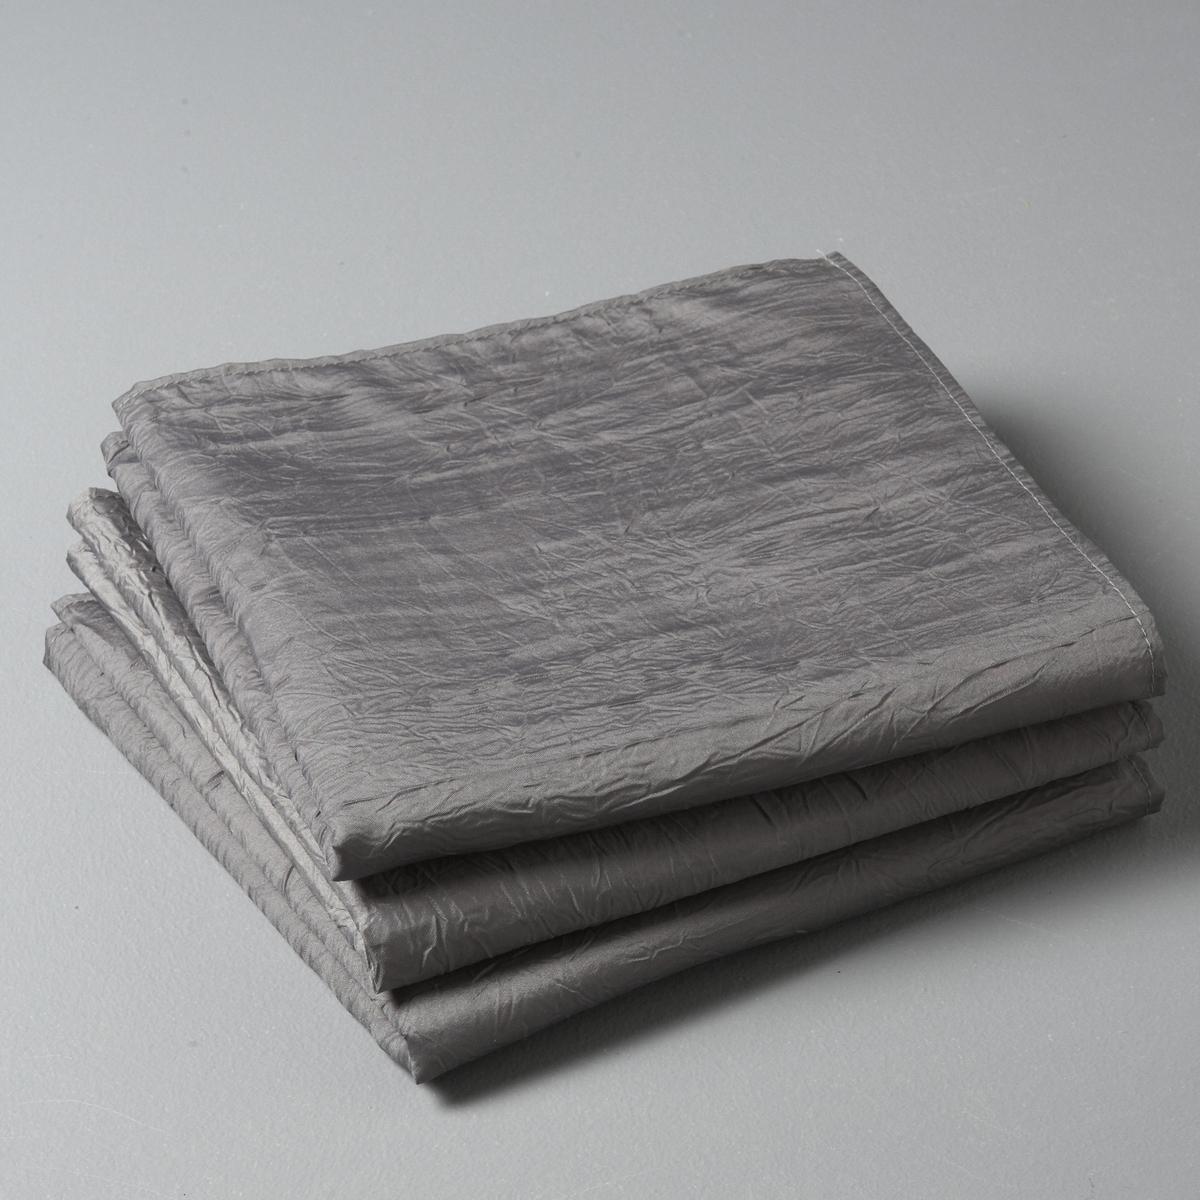 3 салфетки CeryasОписание салфеток на стол:- Салфетки на стол из шелковистой ткани с жатым эффектом, 100% полиэстера.- Стирка при 40°, быстро сохнет, не нужно гладить.- Размеры: 45 x 45 см.<br><br>Цвет: антрацит,белый,красный,серо-коричневый каштан,Серо-синий,серый,экрю<br>Размер: 45 x 45  см.45 x 45  см.45 x 45  см